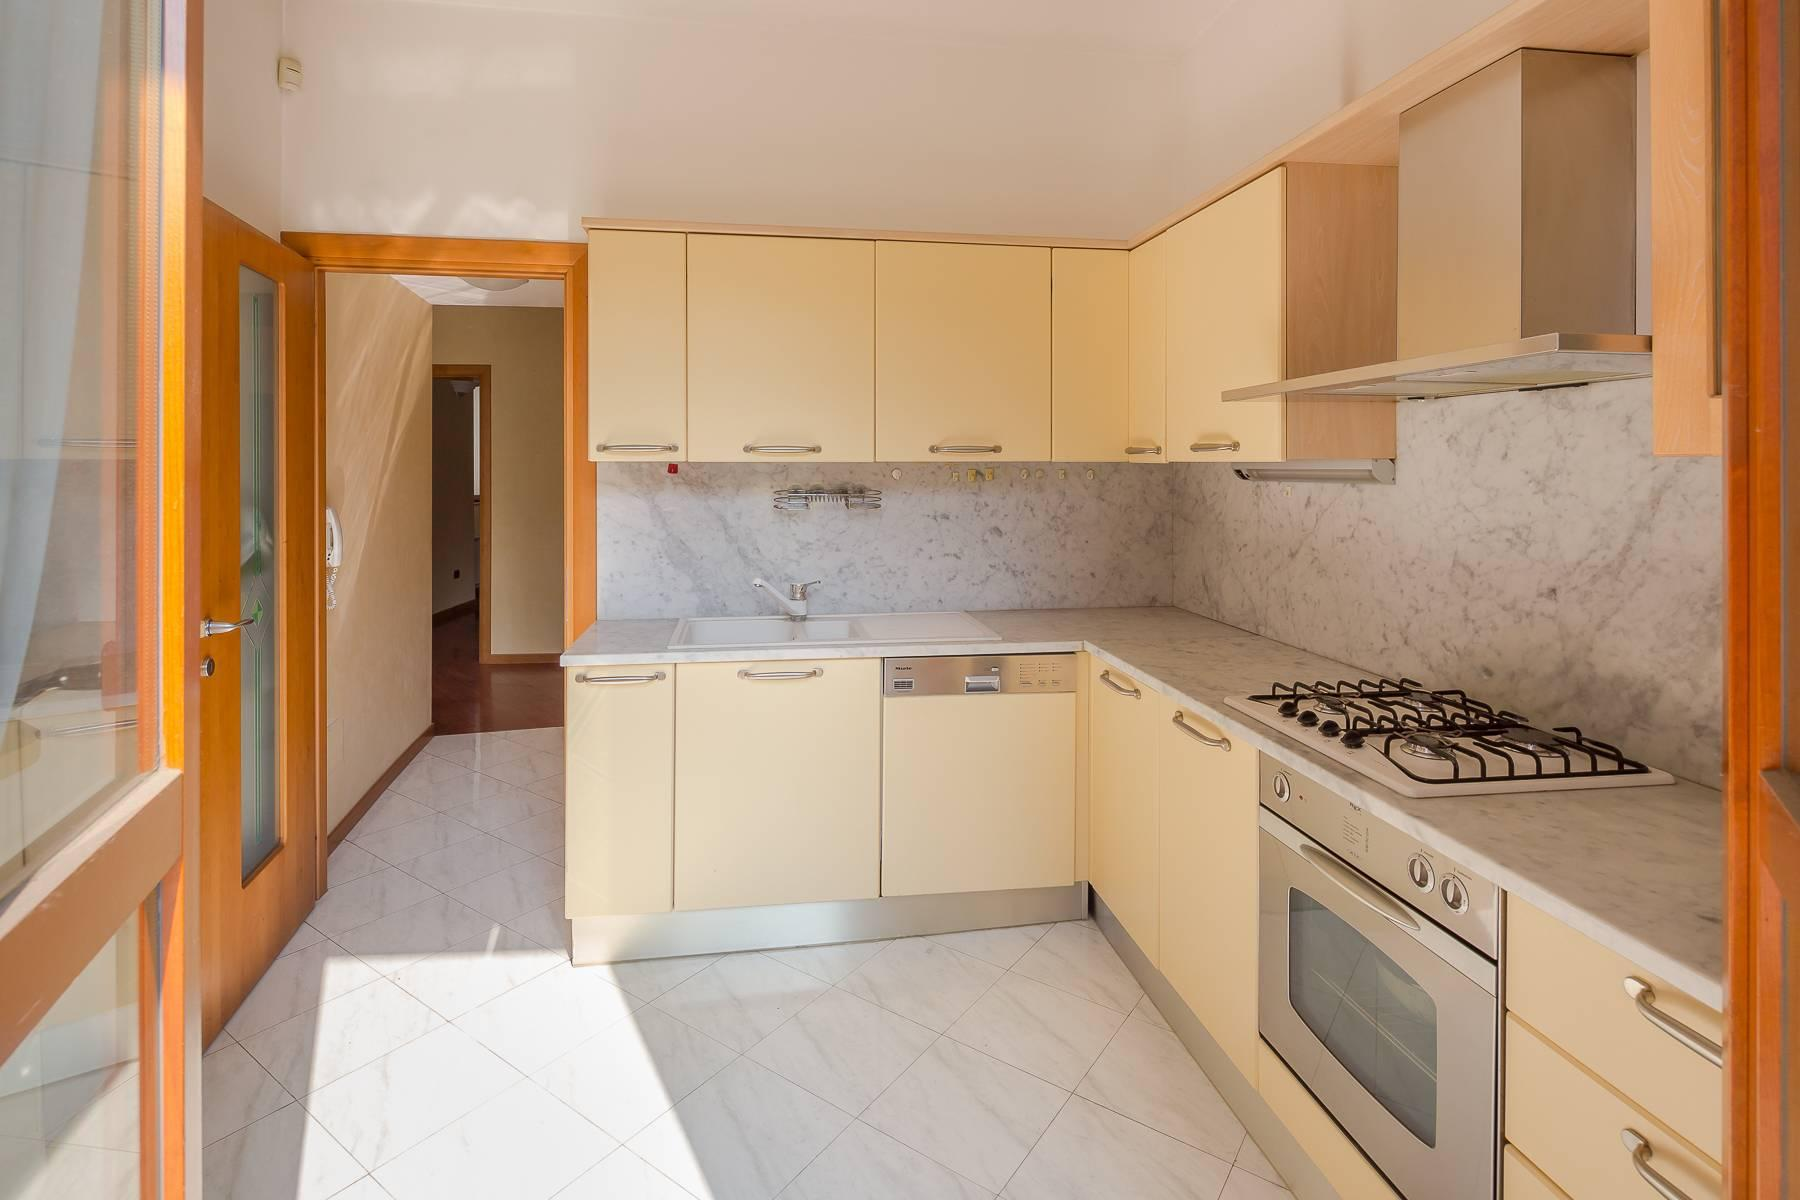 Appartamento di charme con terrazzo a pochi passi dal Duomo - 14